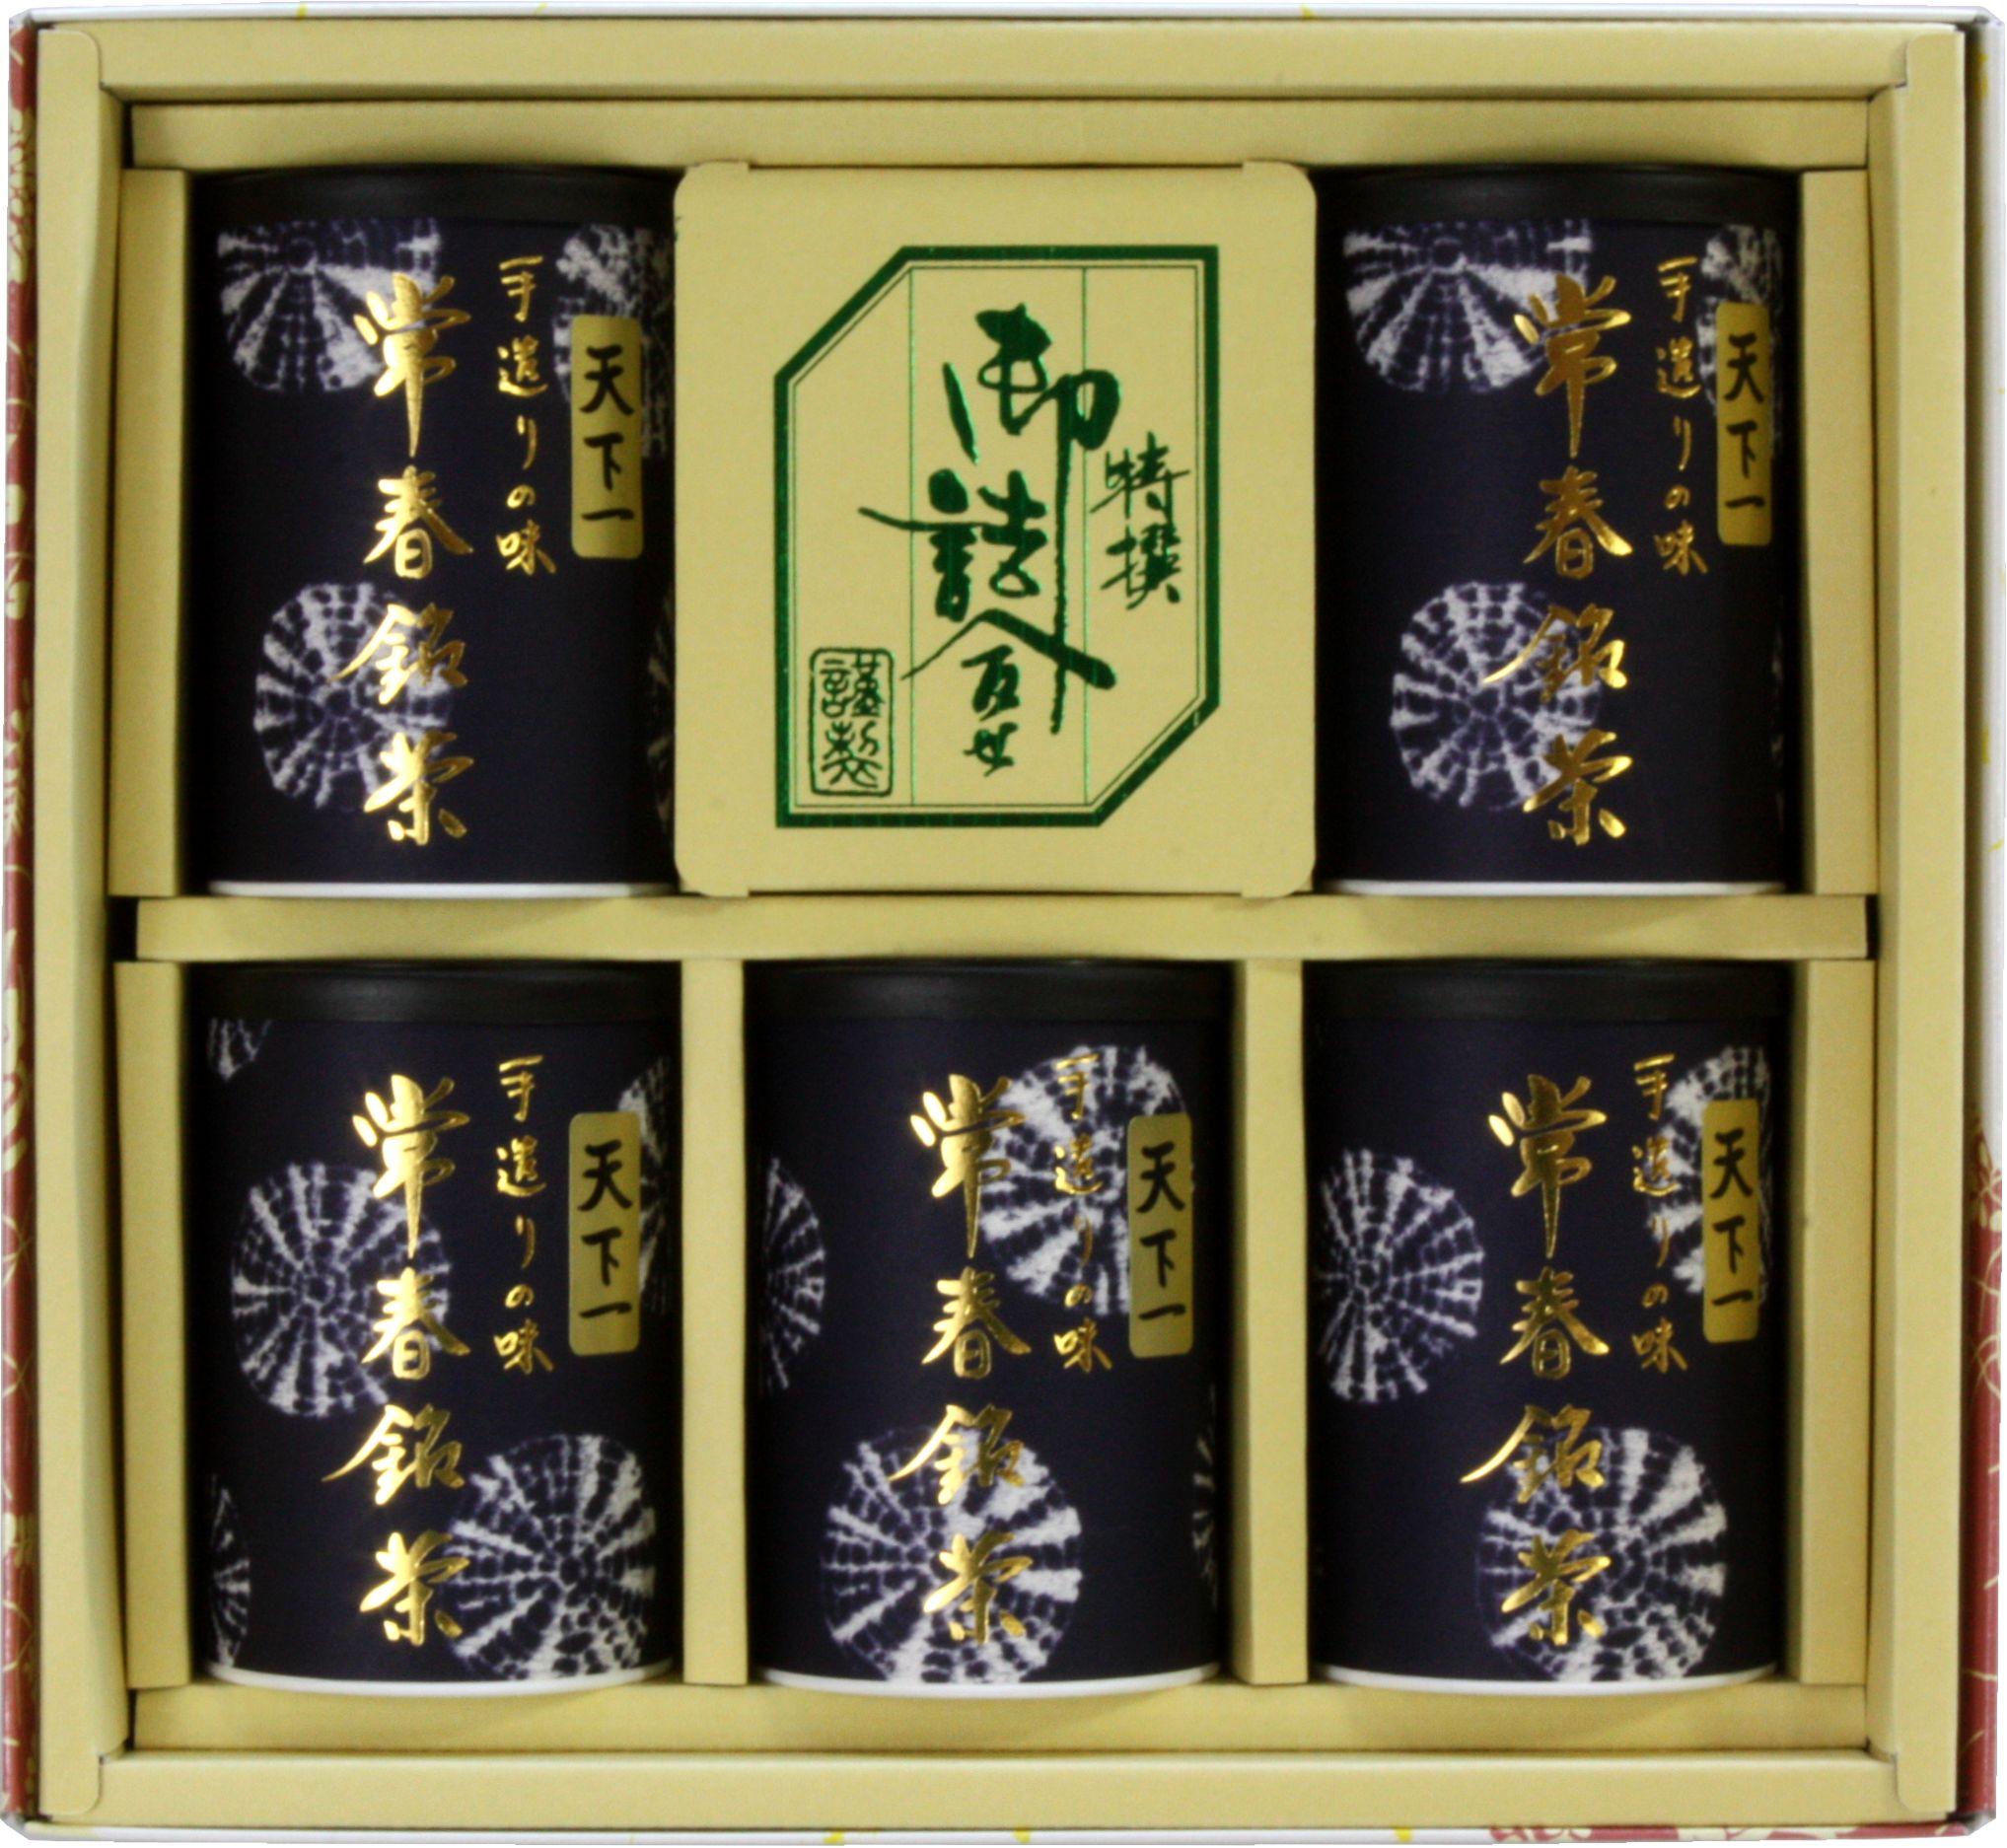 深蒸し掛川茶の天下一100g5缶セット